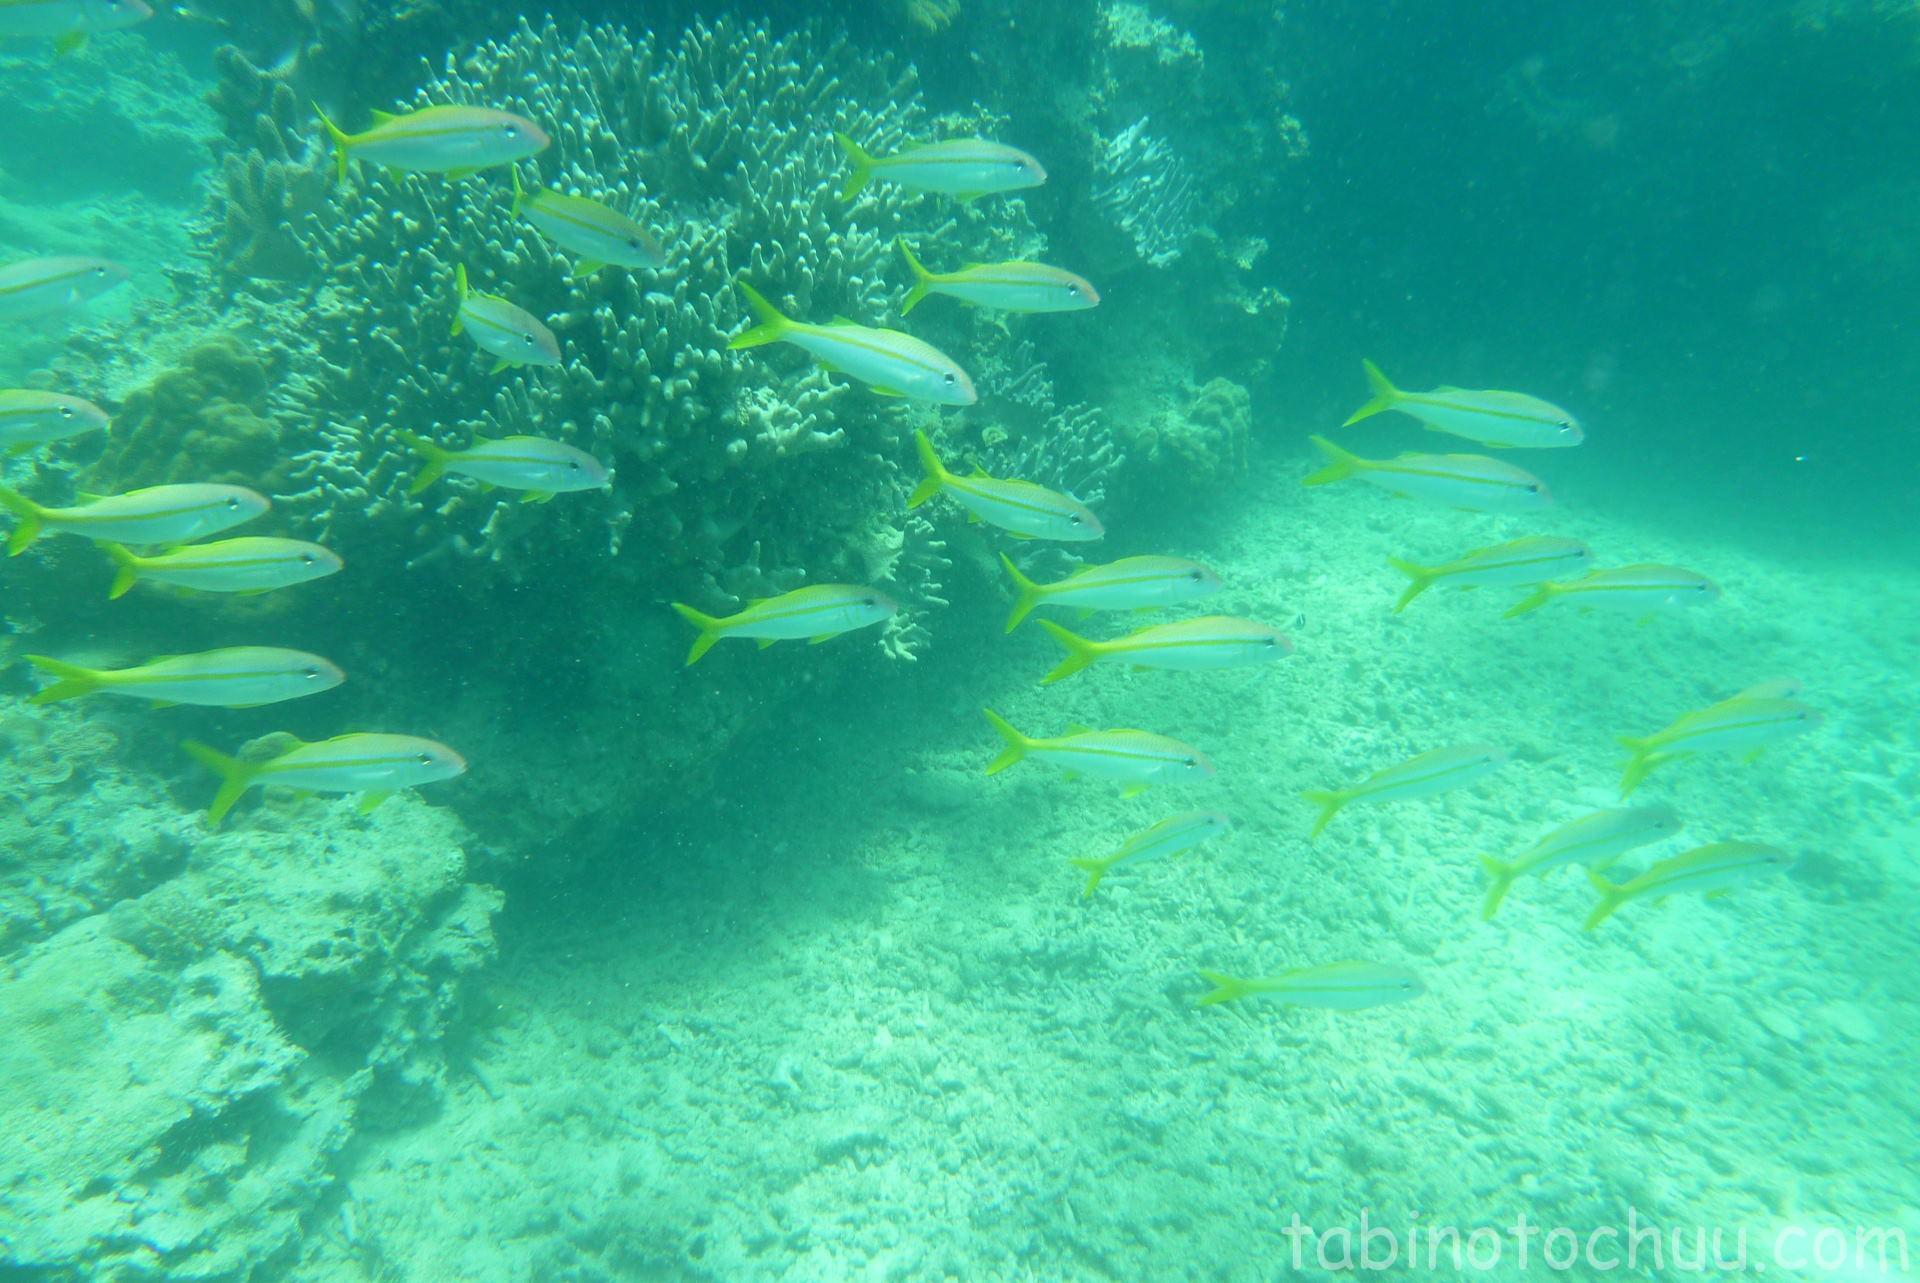 ゴリラチョップ 海中群れ